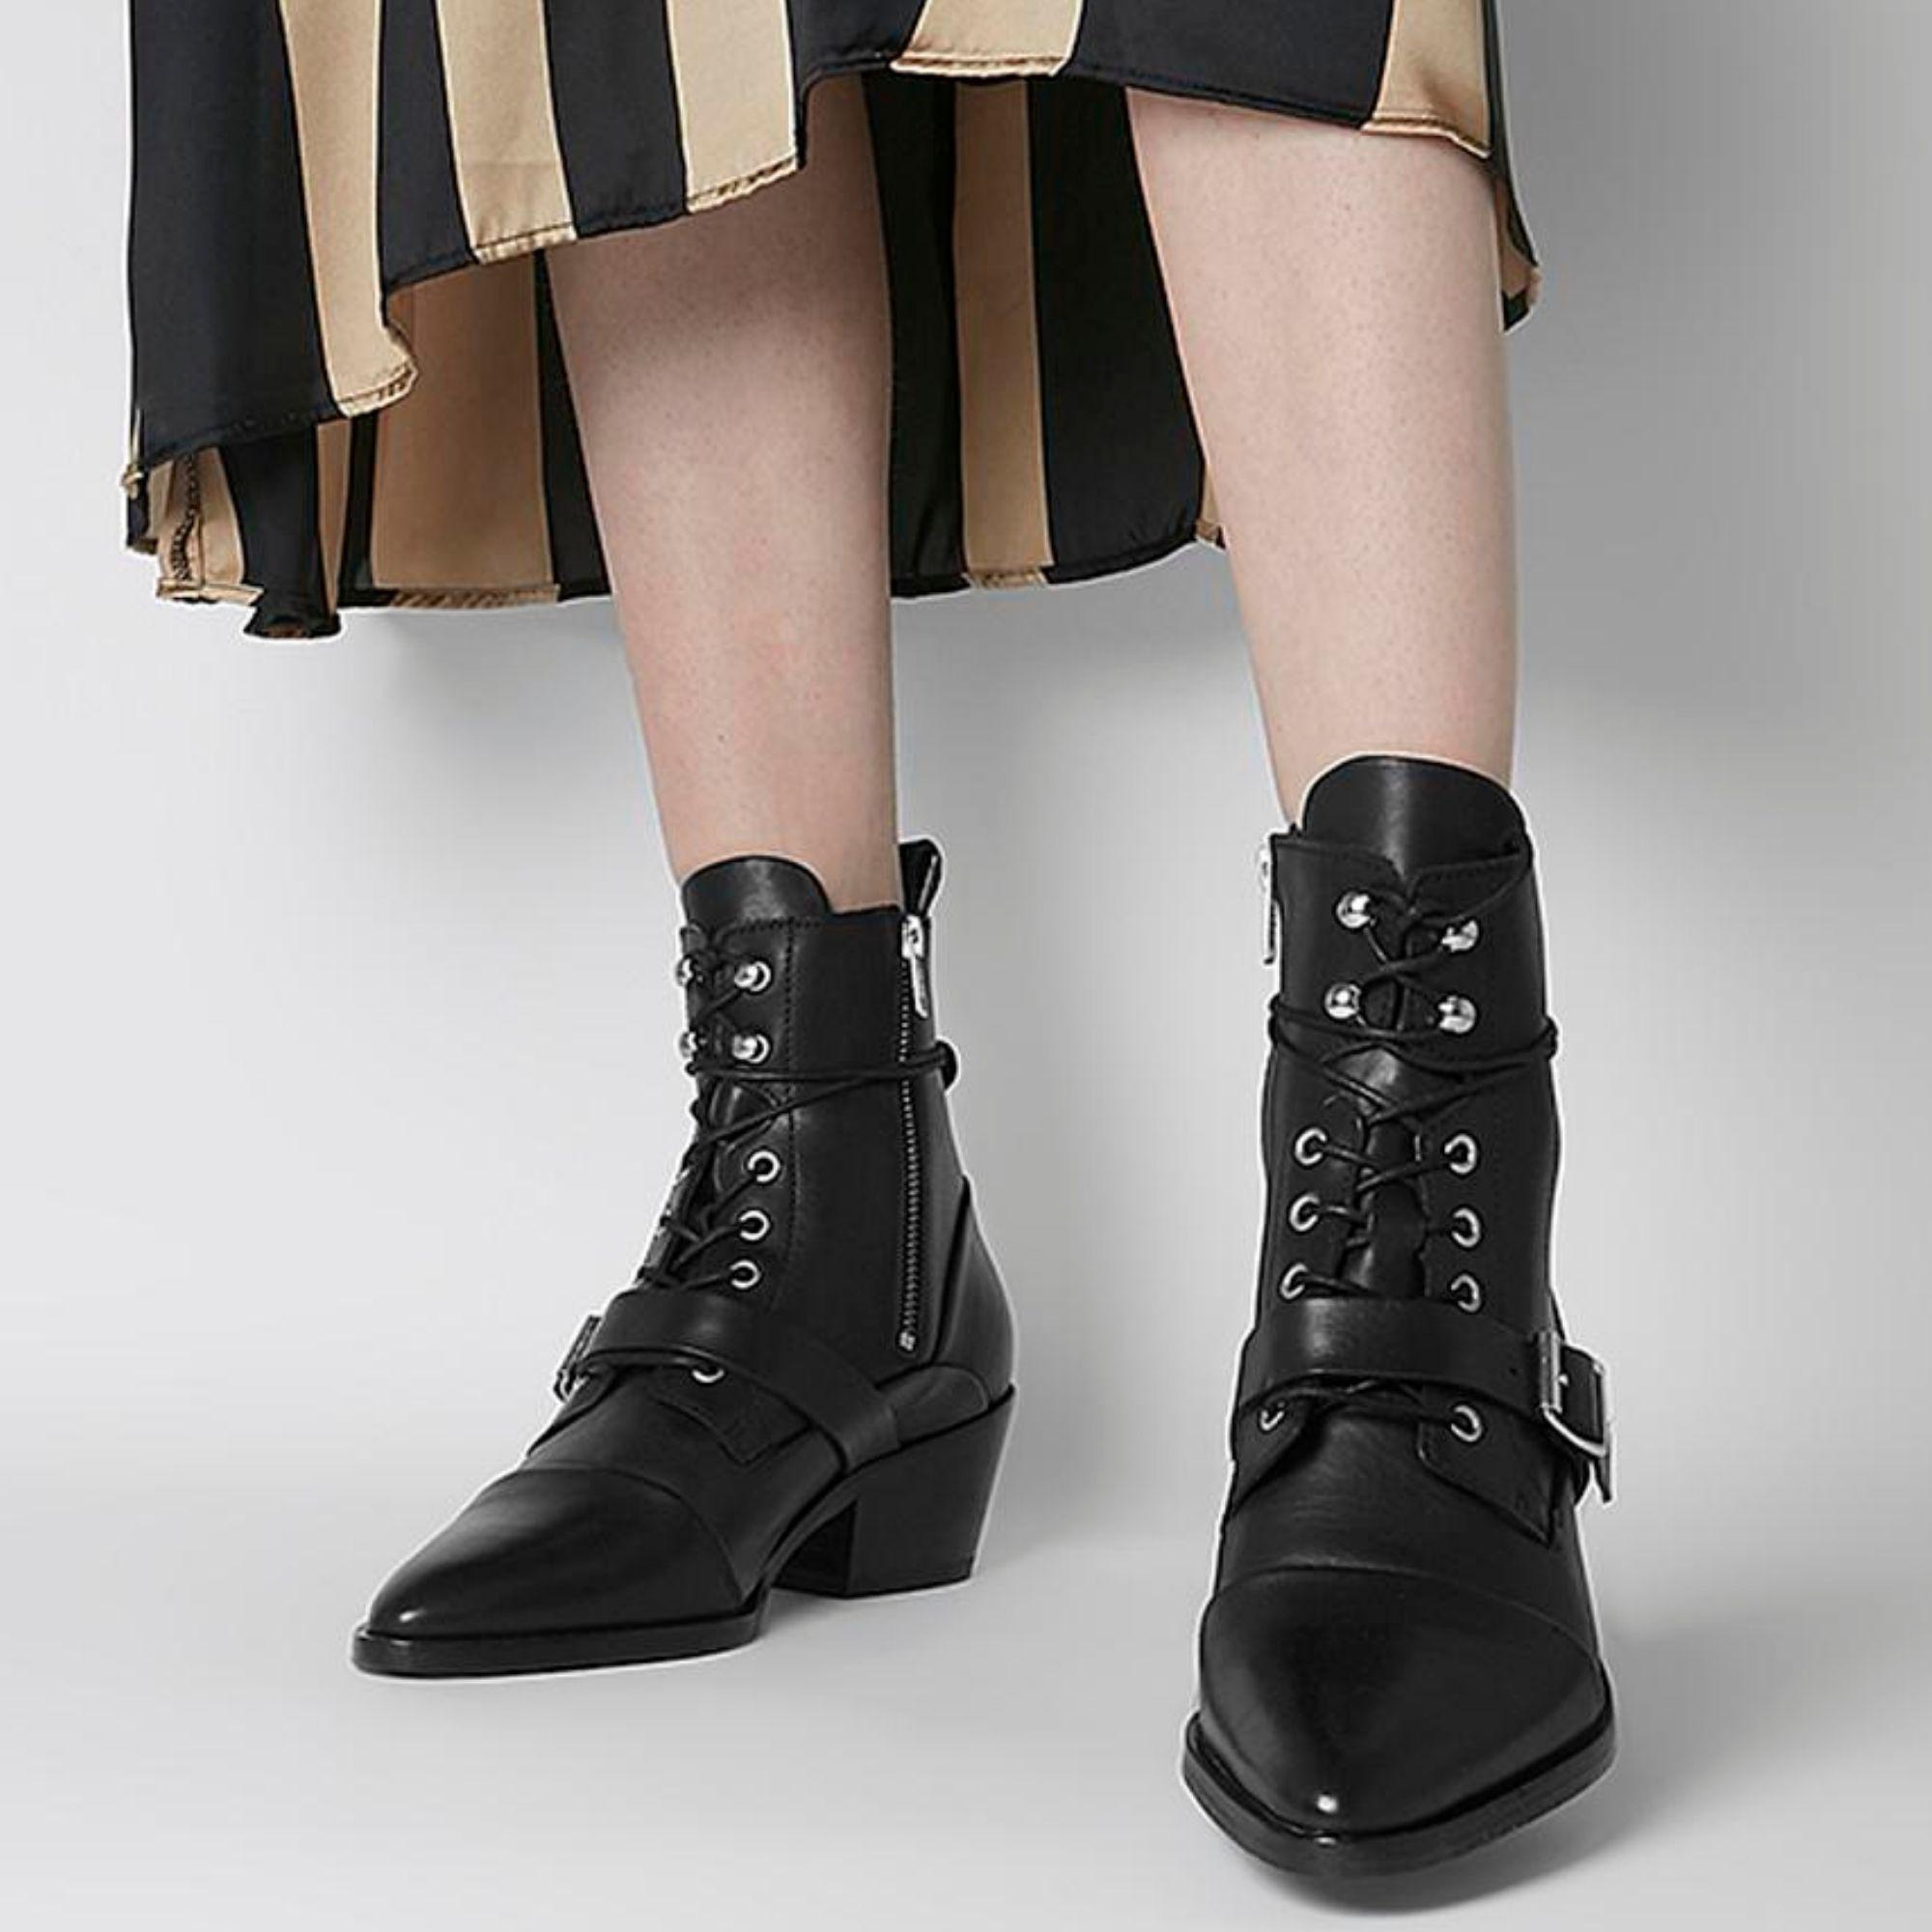 Black combat boots with heel